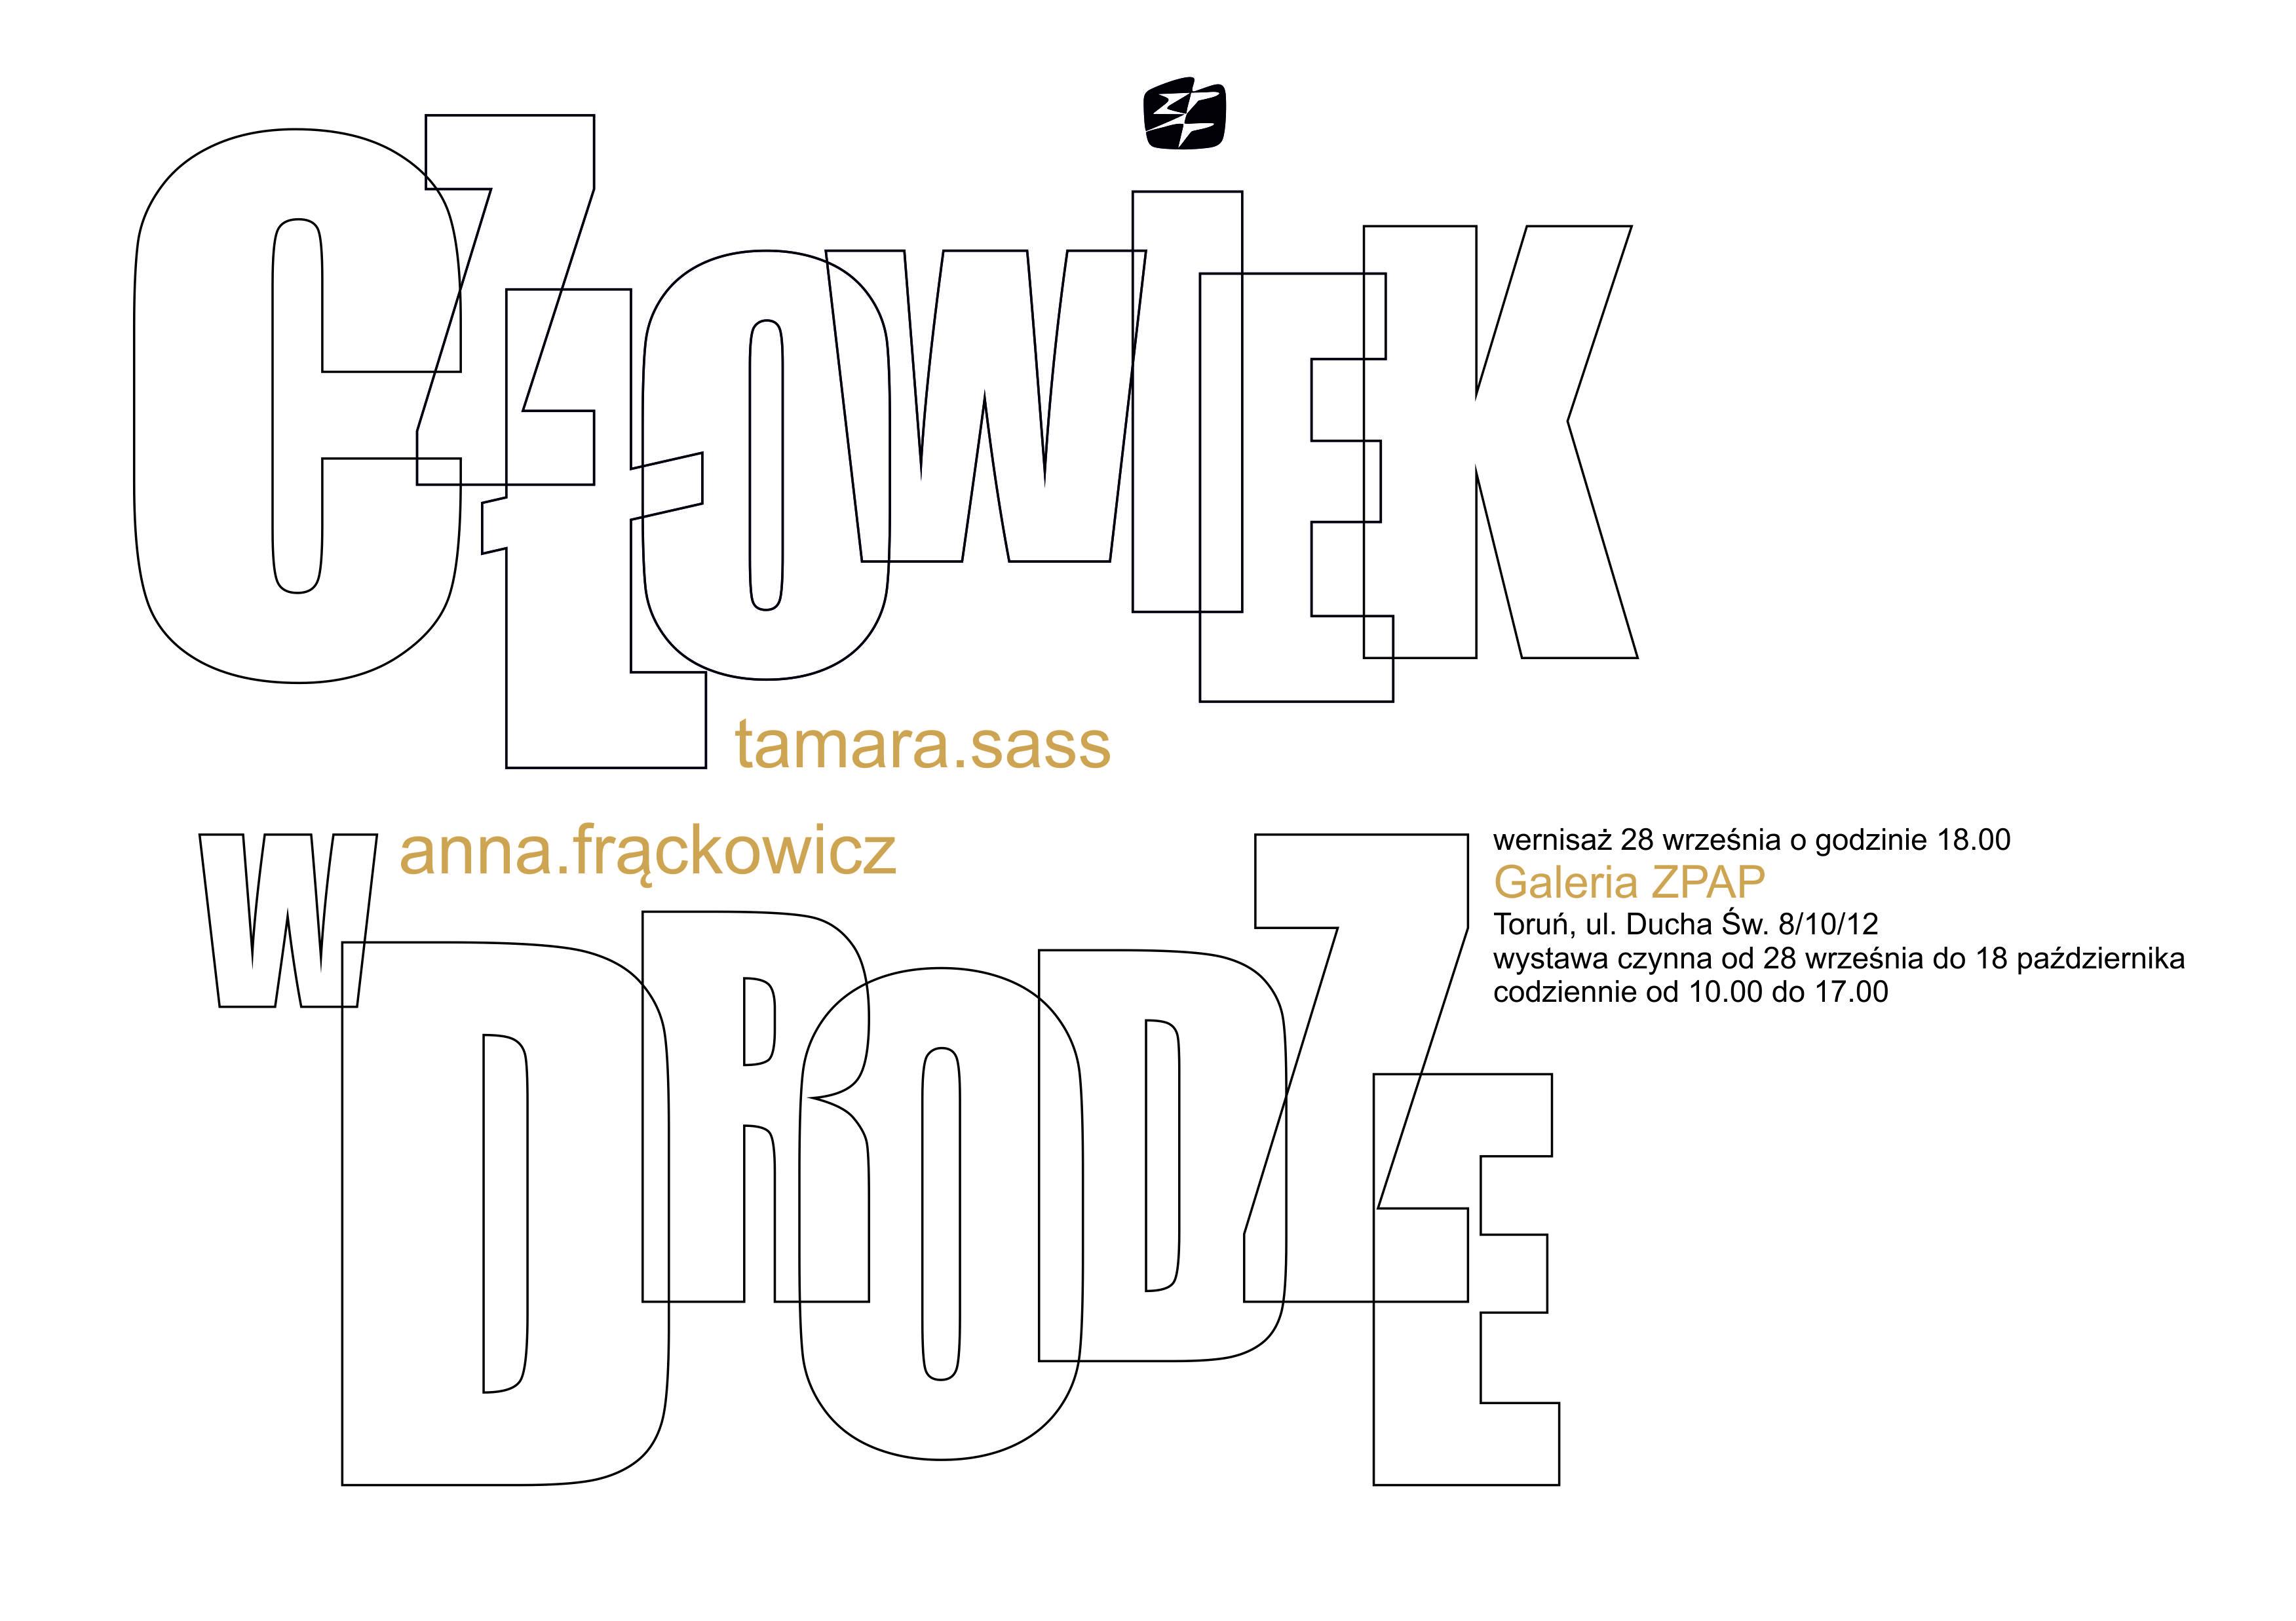 Zapraszamy na wystawę Tamary Sass i Anny Frąckowicz. pt. Człowiek w drodze. Wernisaż: 28.09, godz. 18.00